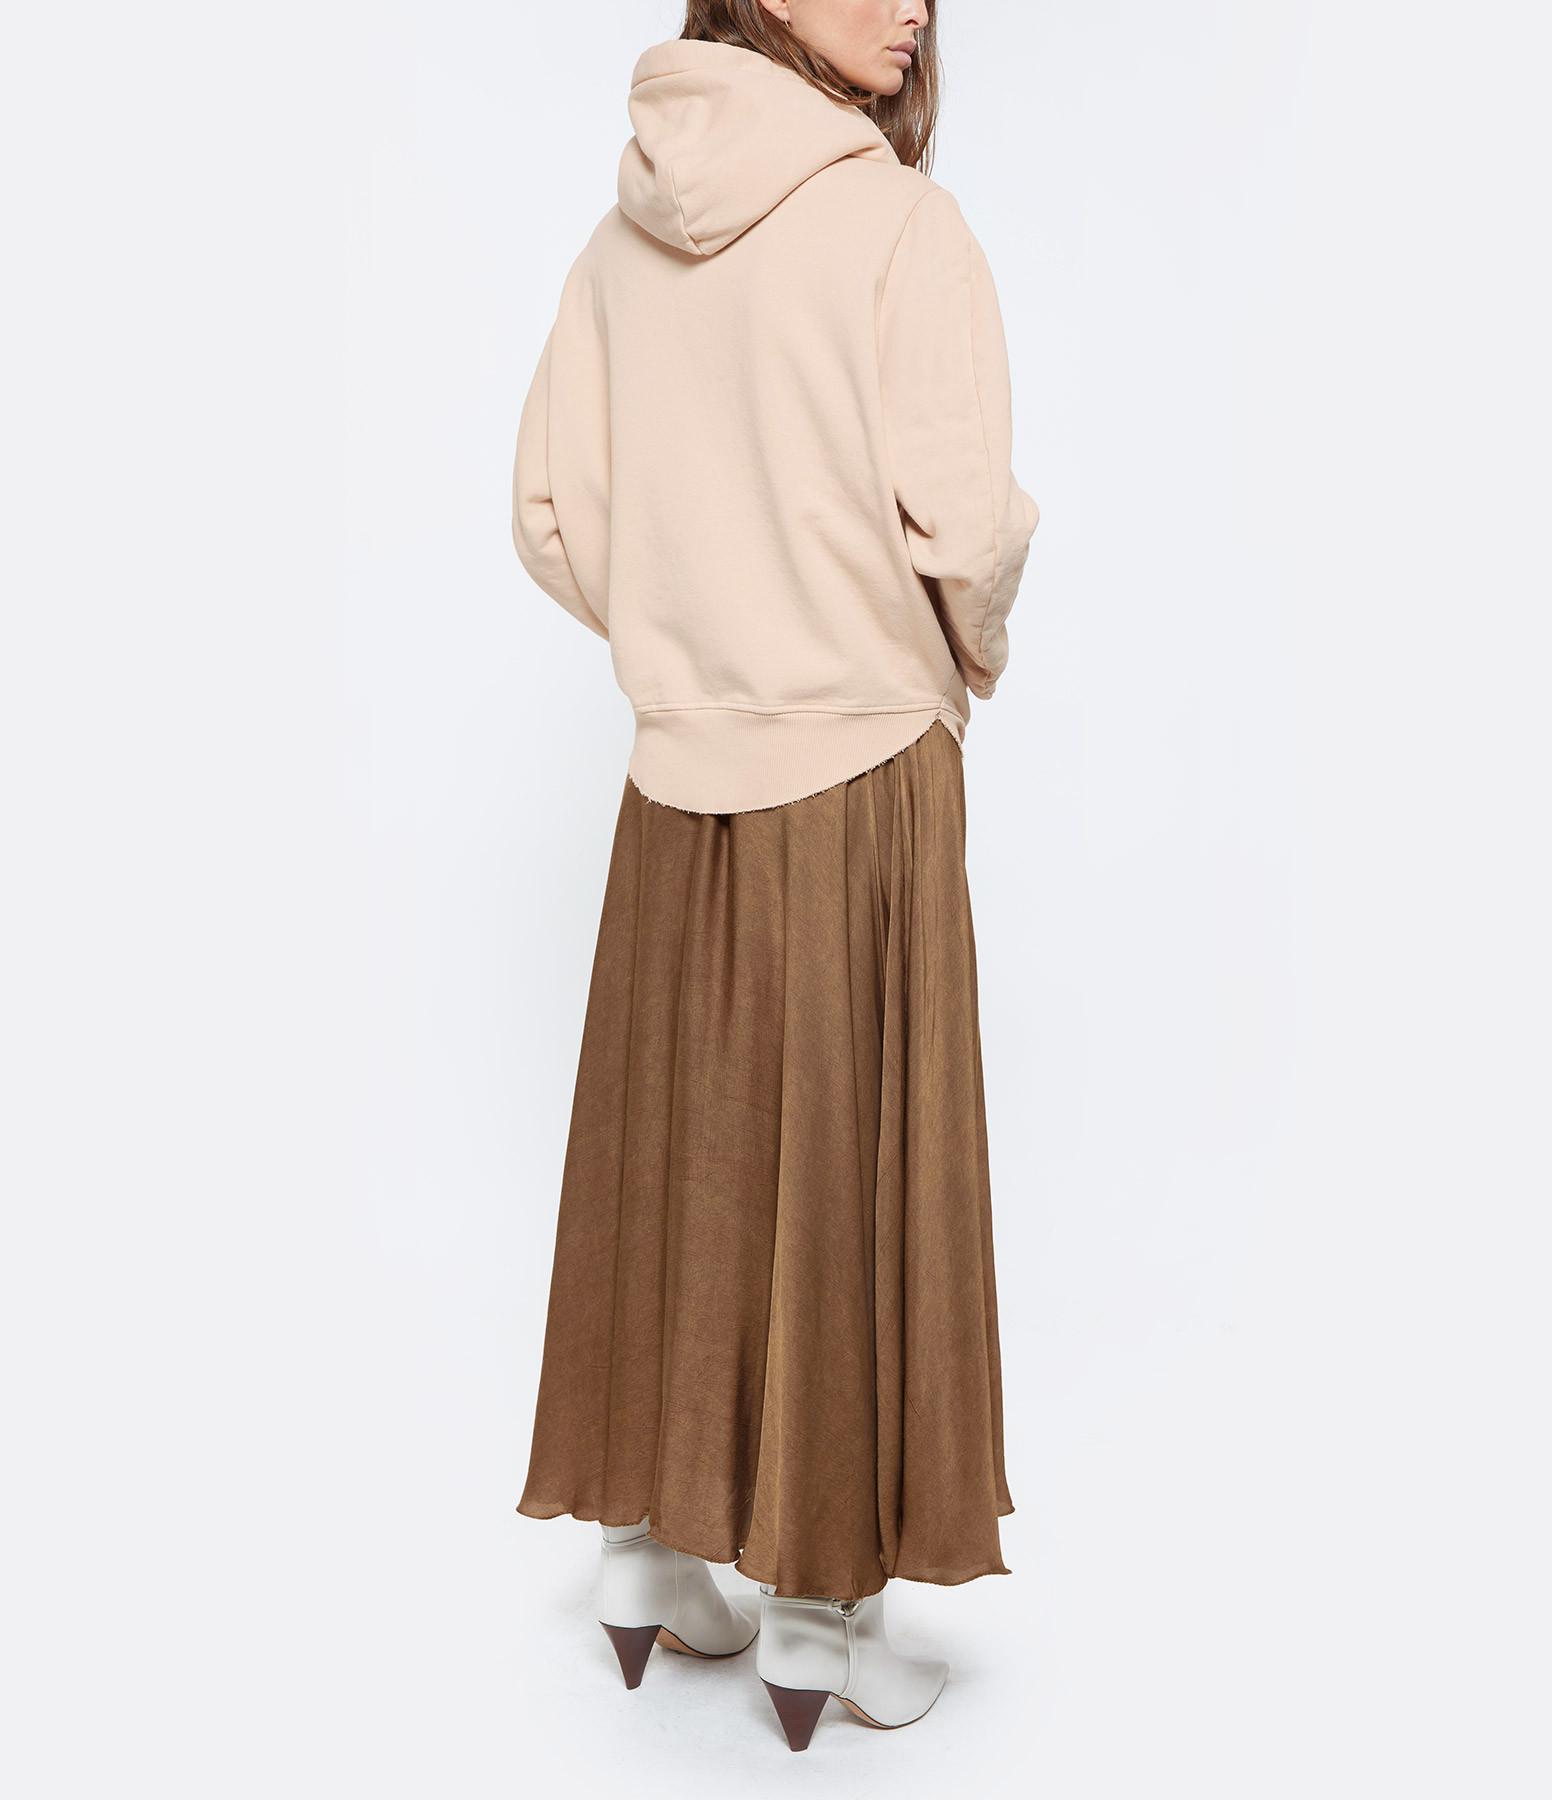 MM6 MAISON MARGIELA - Sweatshirt Oversize Nude, Collection Studio